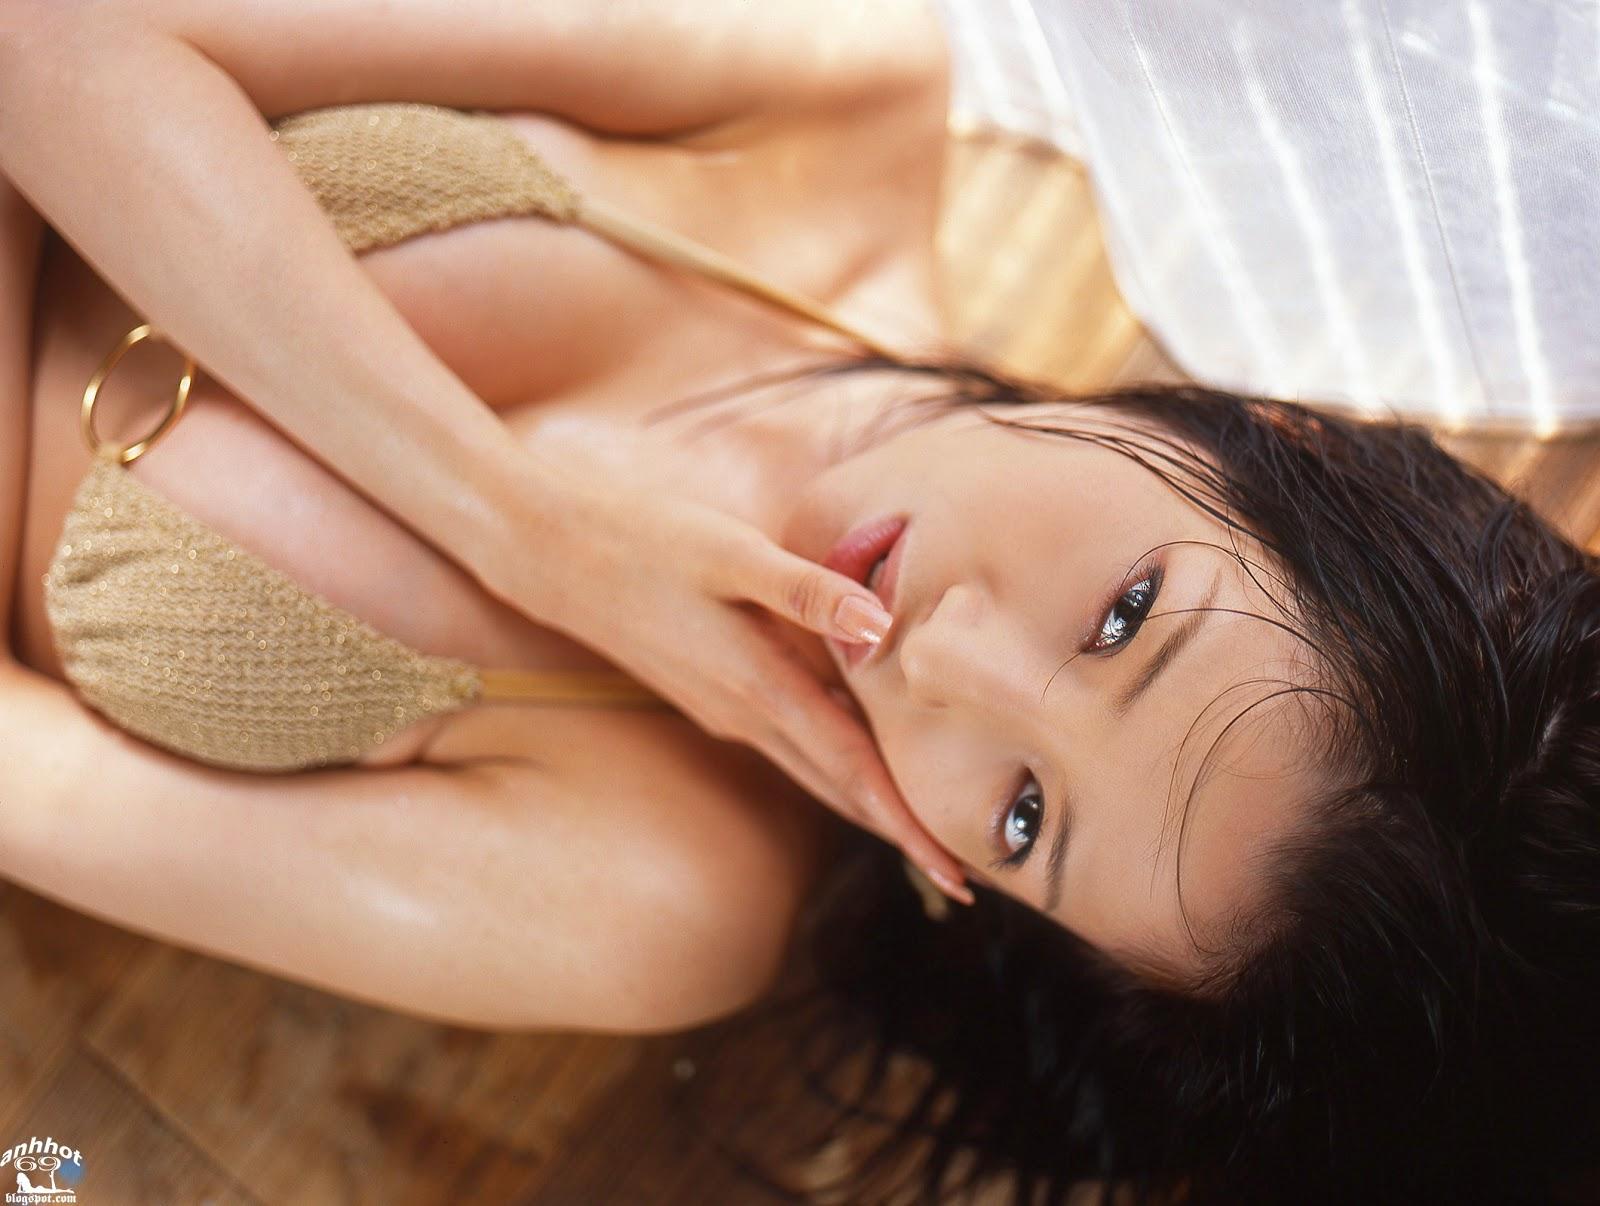 yuuri-morishita-02028985